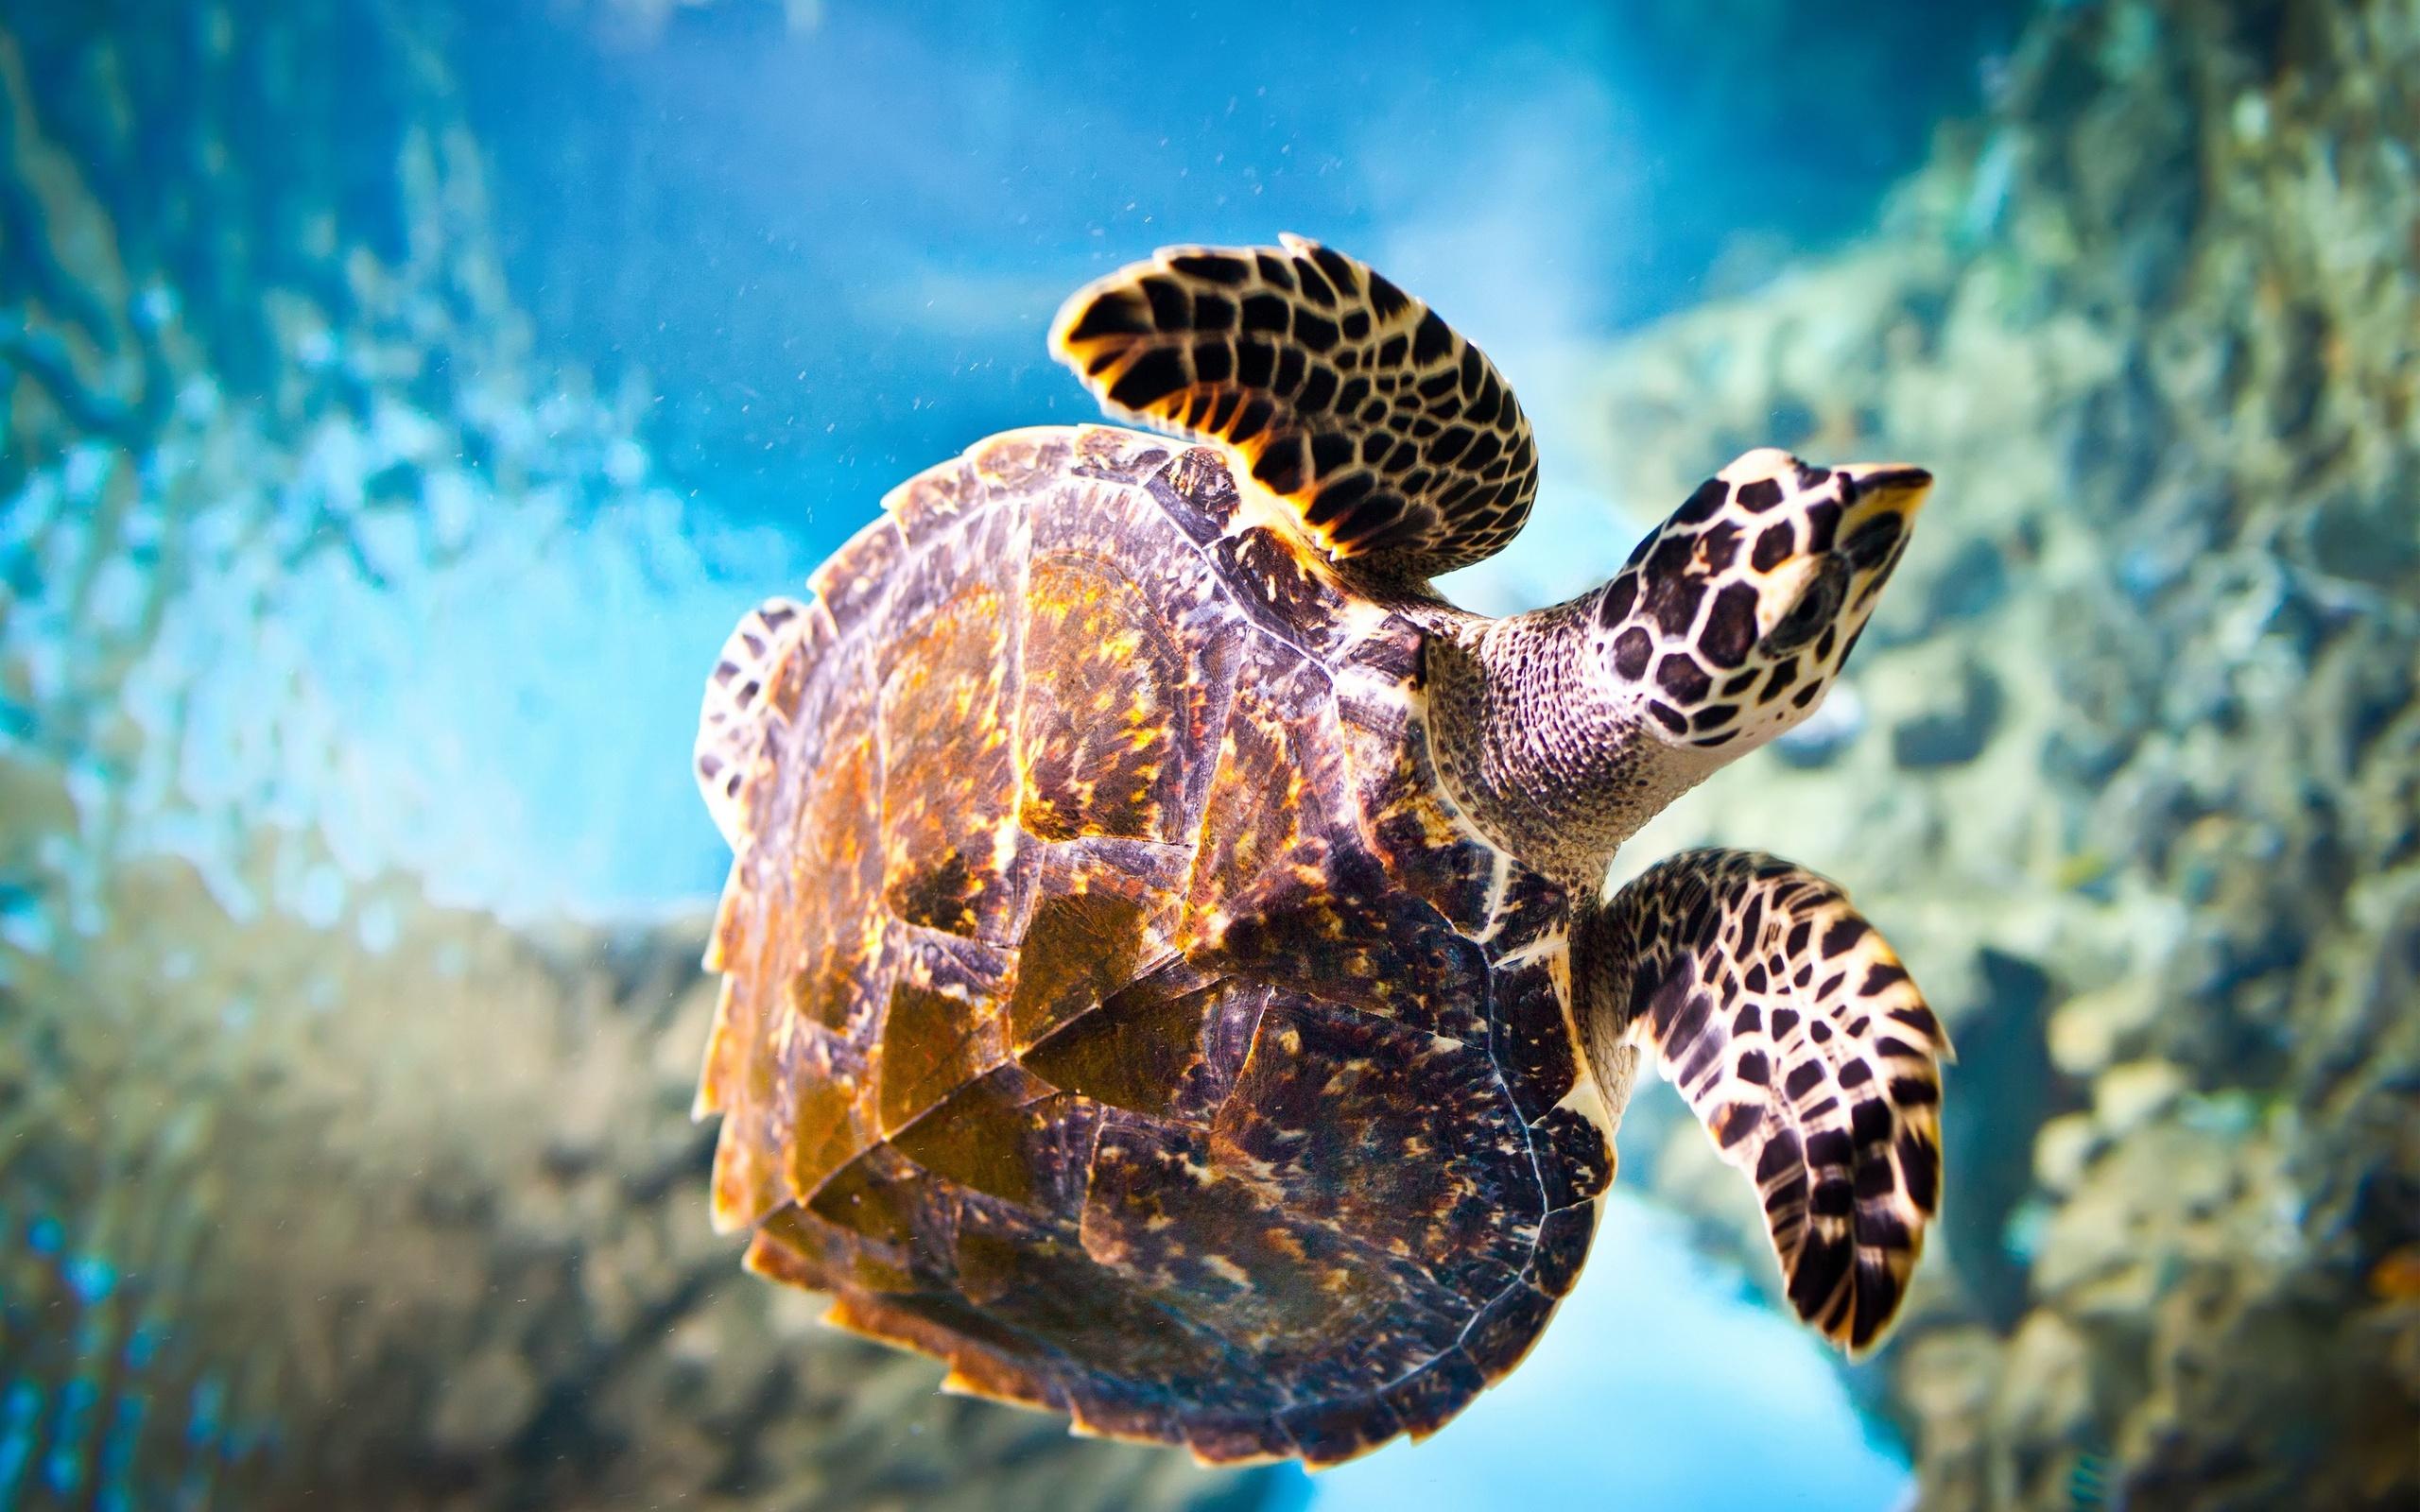 растения интерьере самые красивые фоновые картинки подводных животных виды, делающие кладки